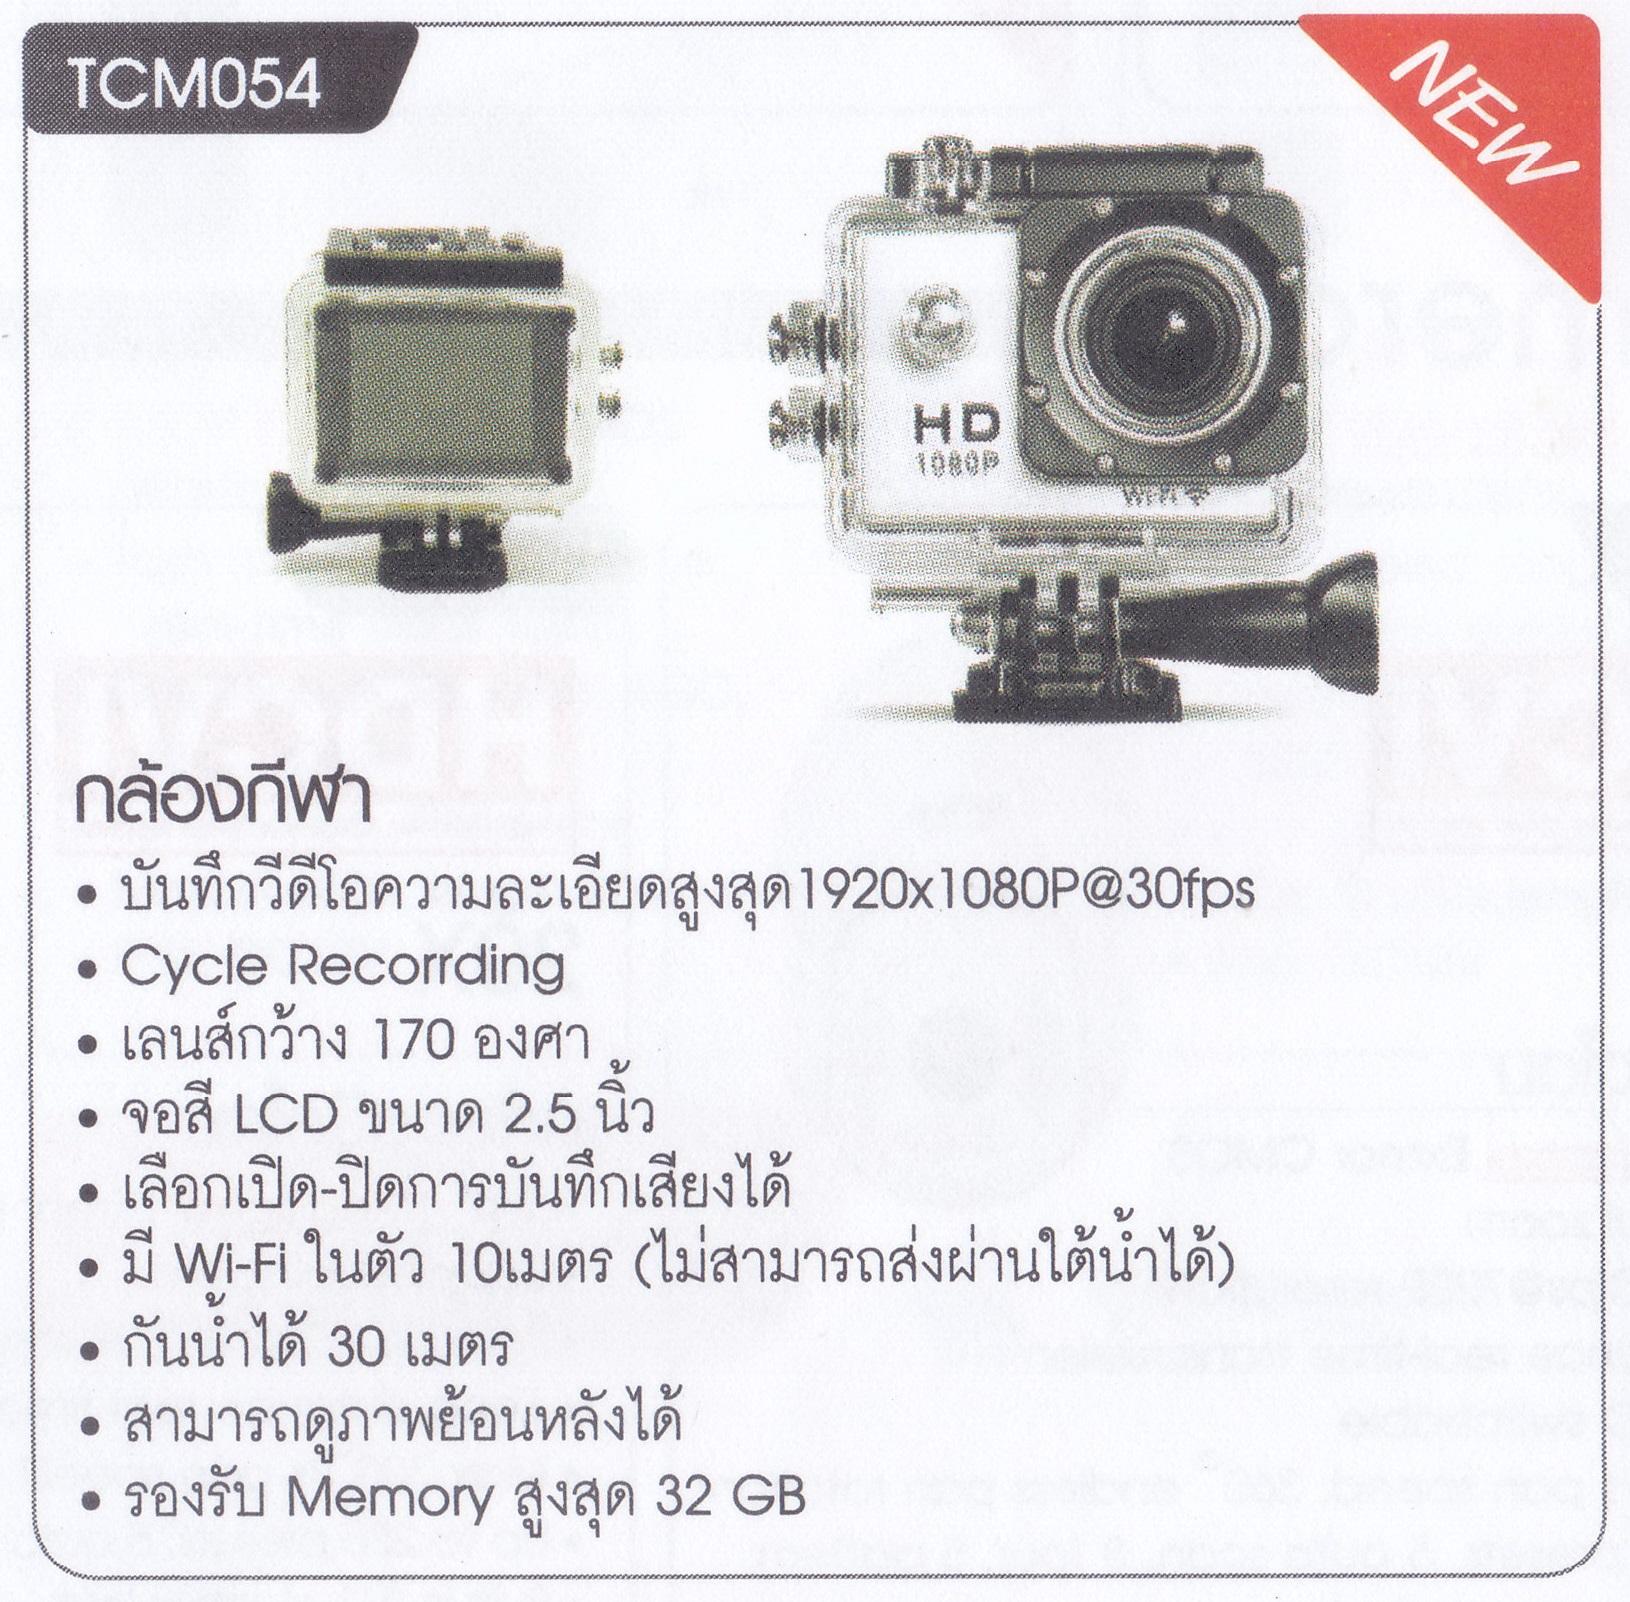 TCM054